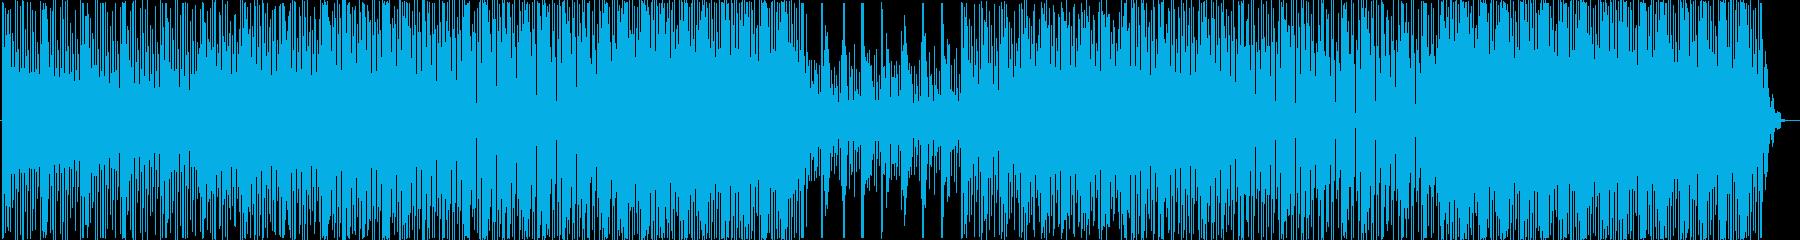 エレクトロニカテイストのBGMの再生済みの波形